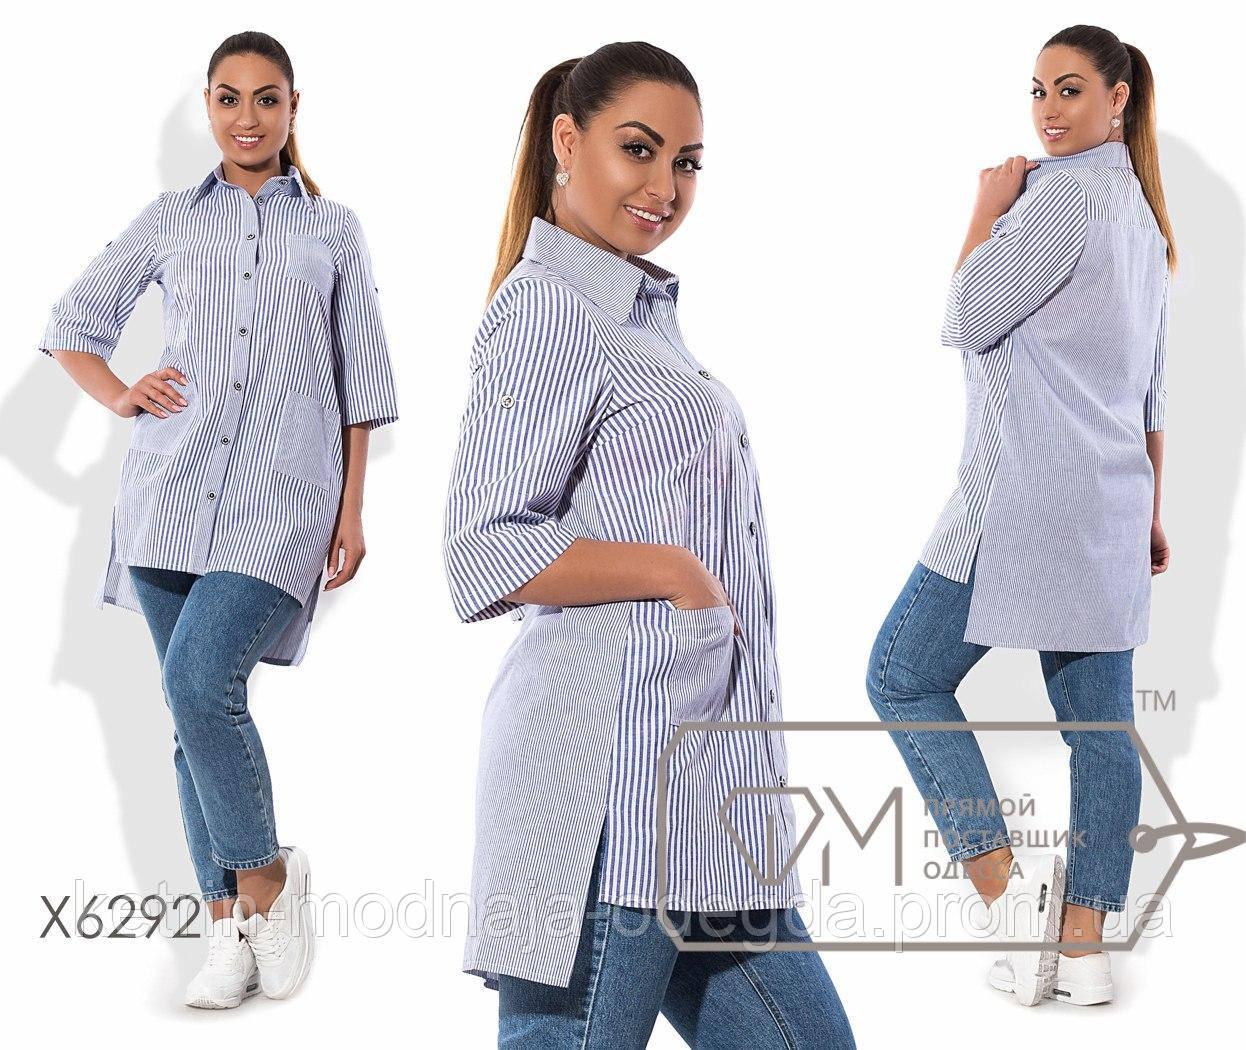 c78c9e771e62 Модная женская удлиненная рубашка в полоску большого размера 48, 50, 52, 54